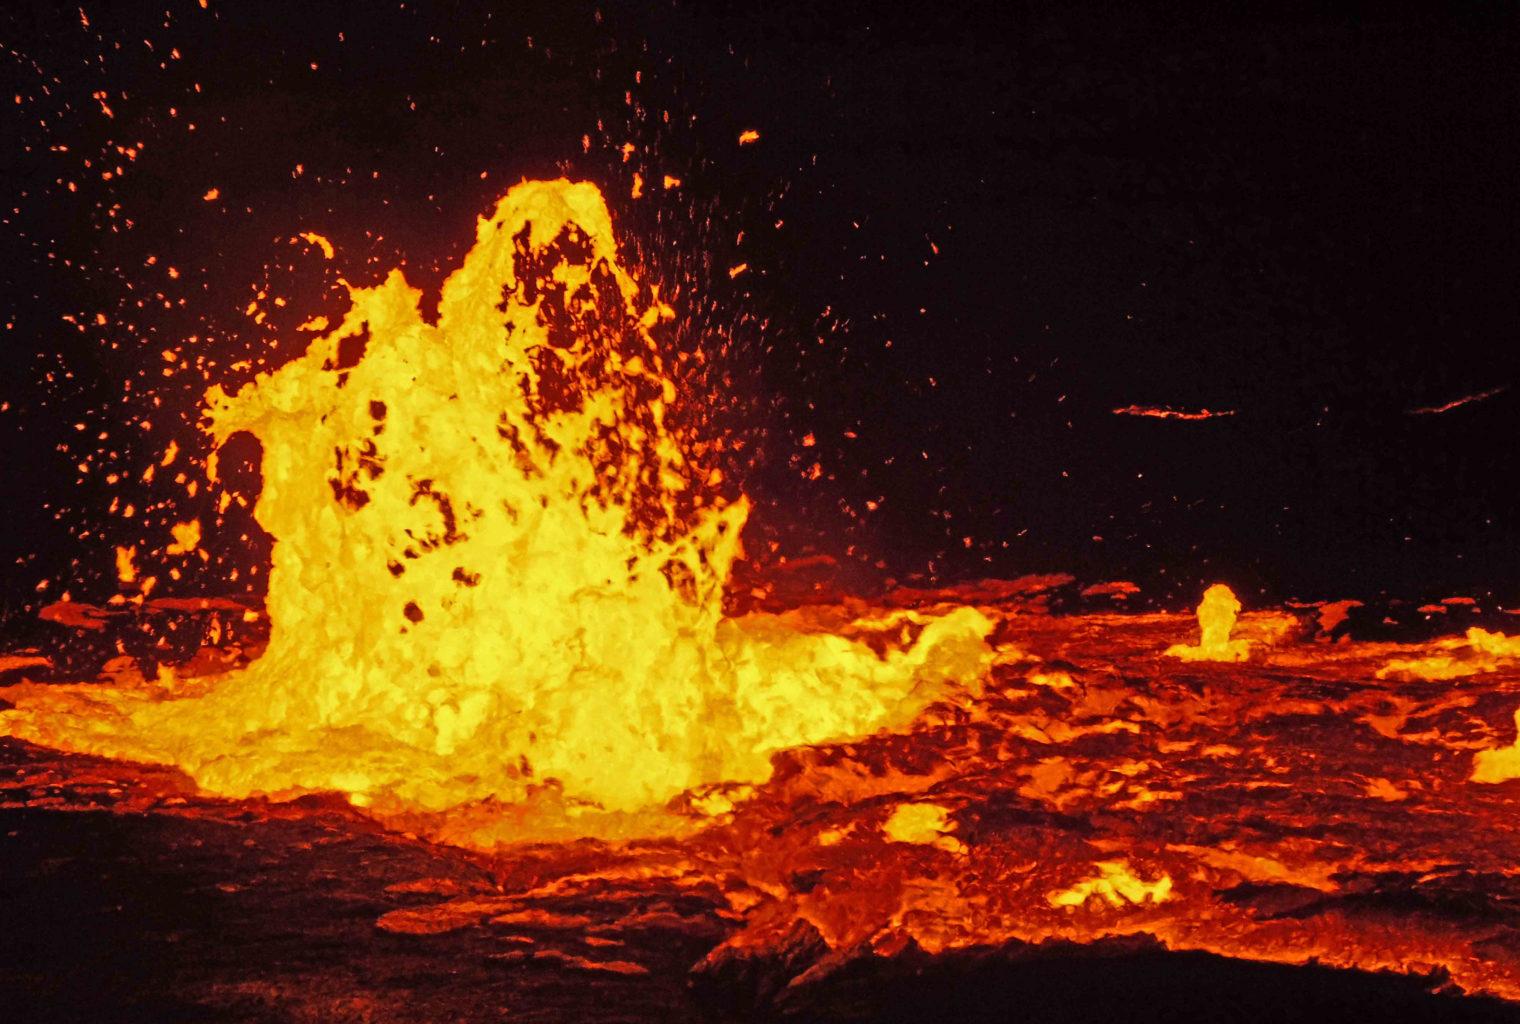 Danakil Ethiopia Lava